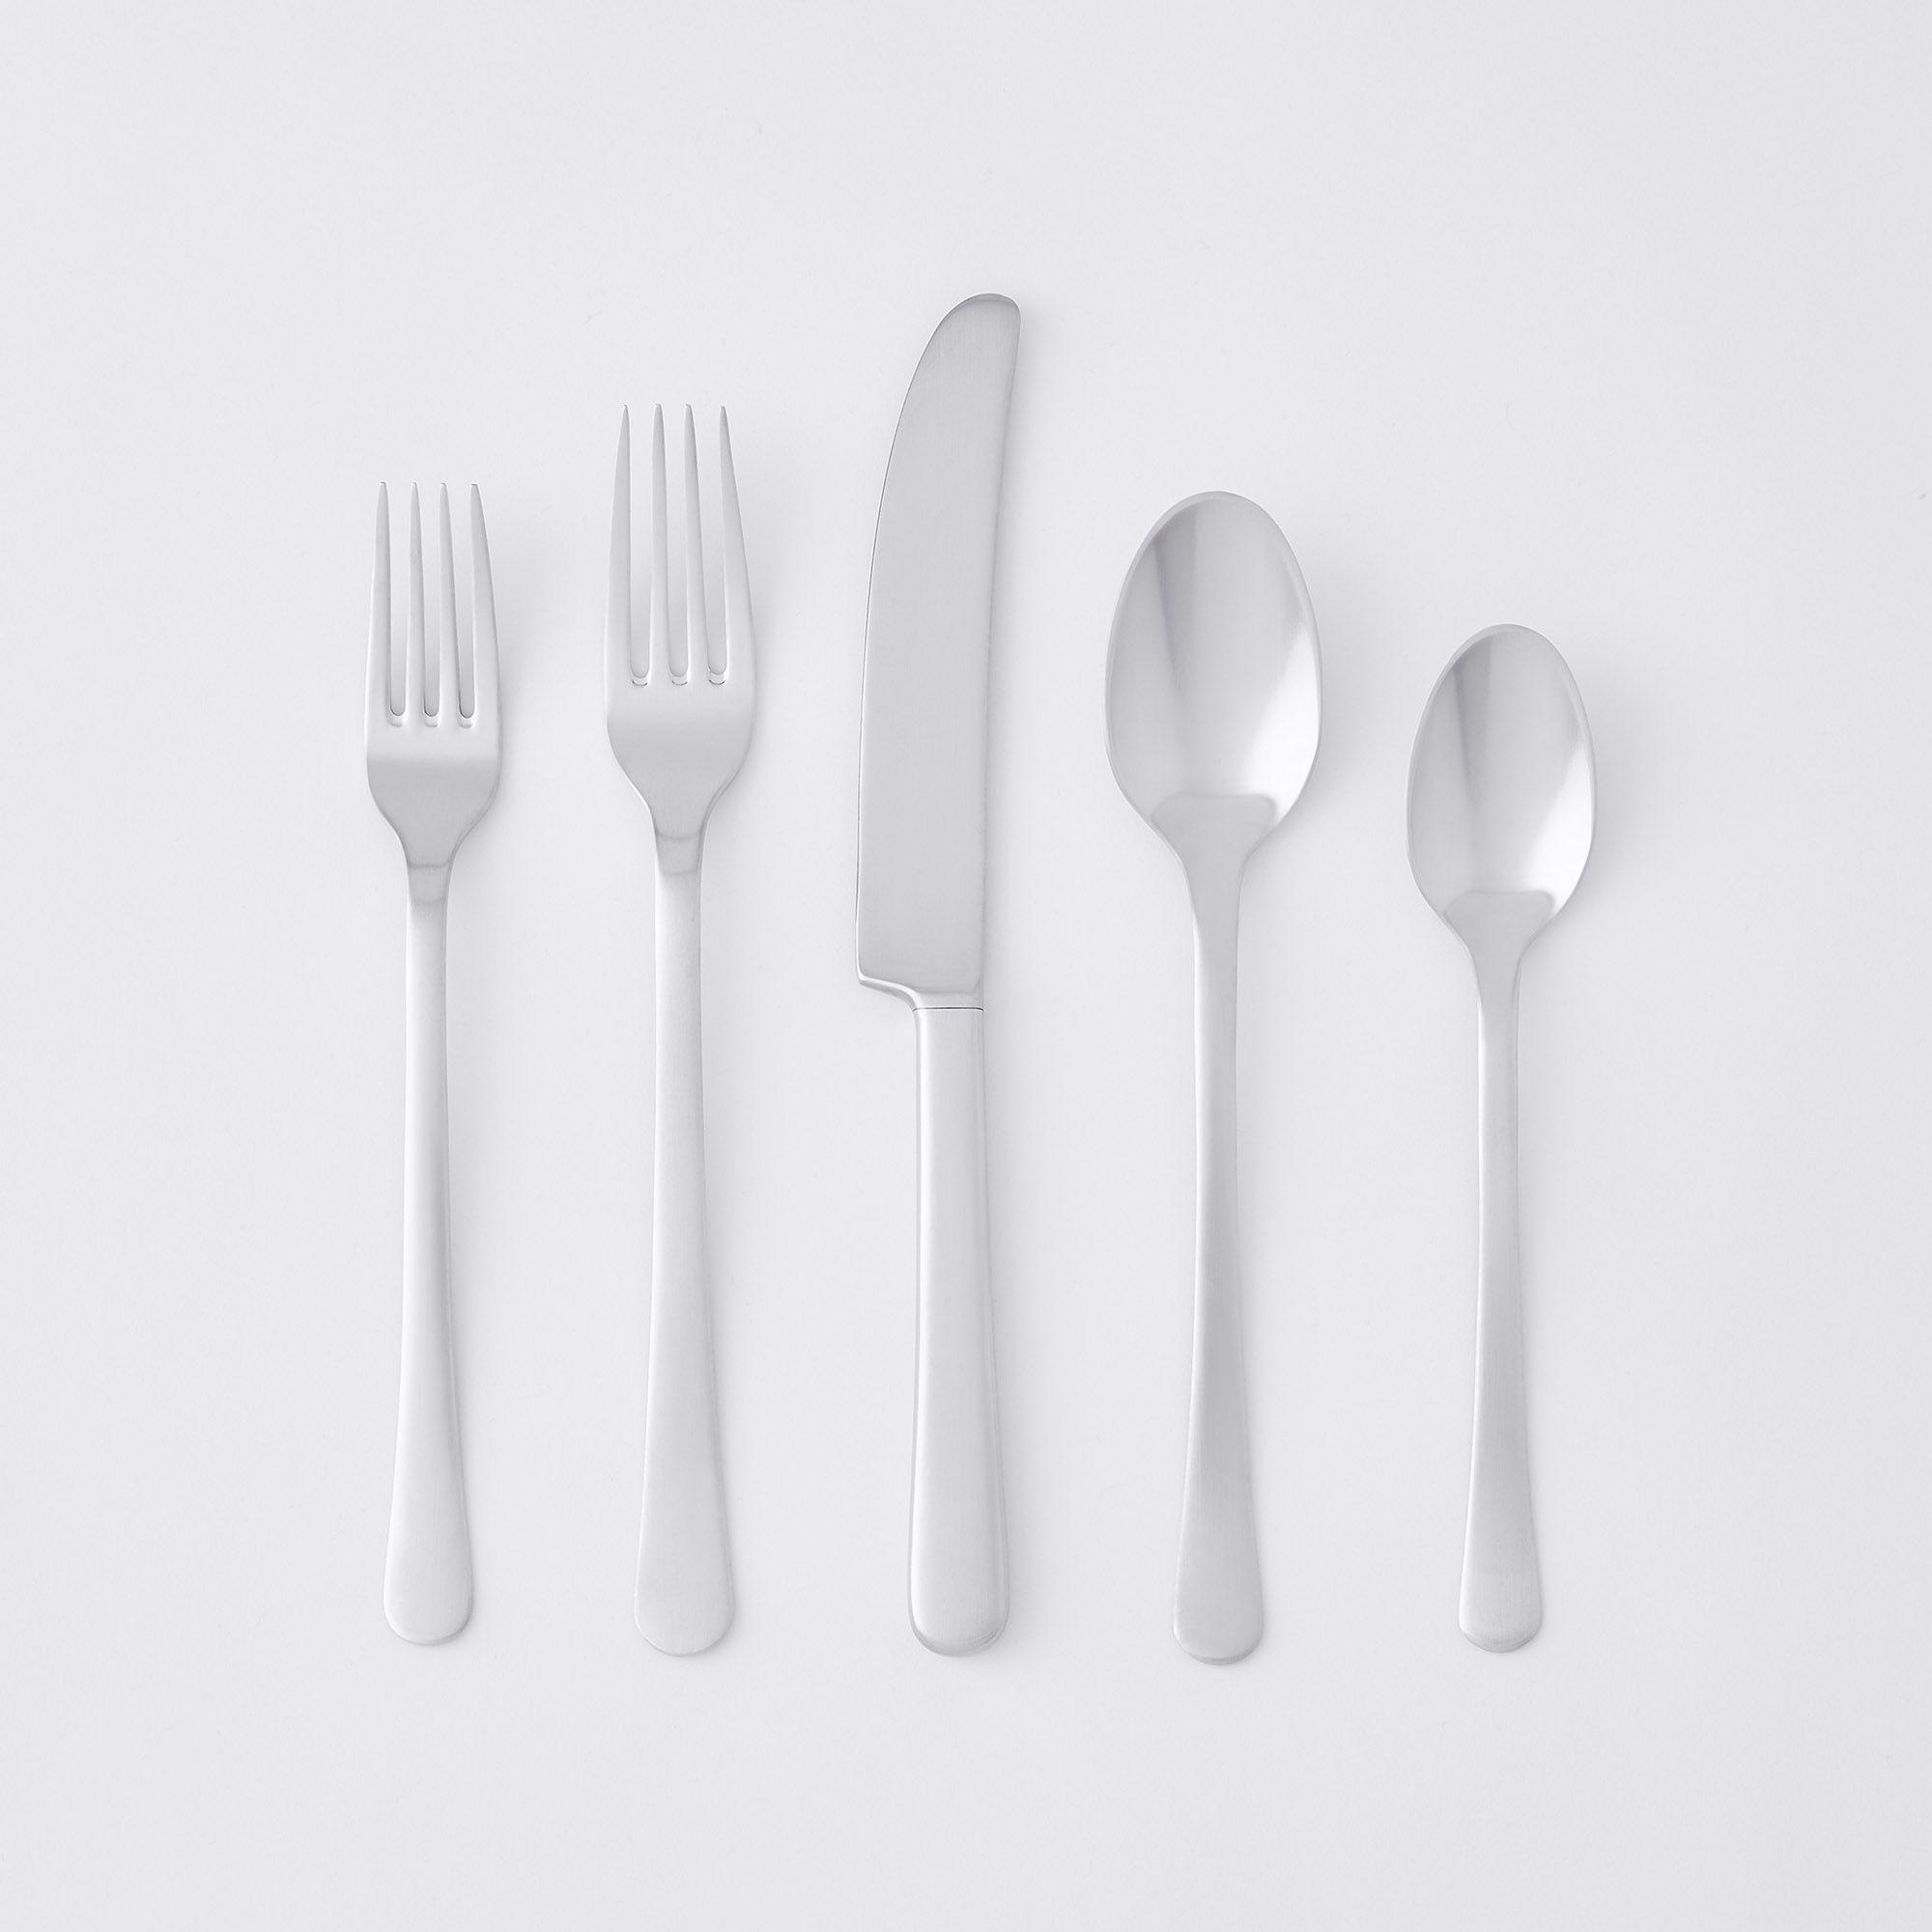 Cutlery by Fran Sharples